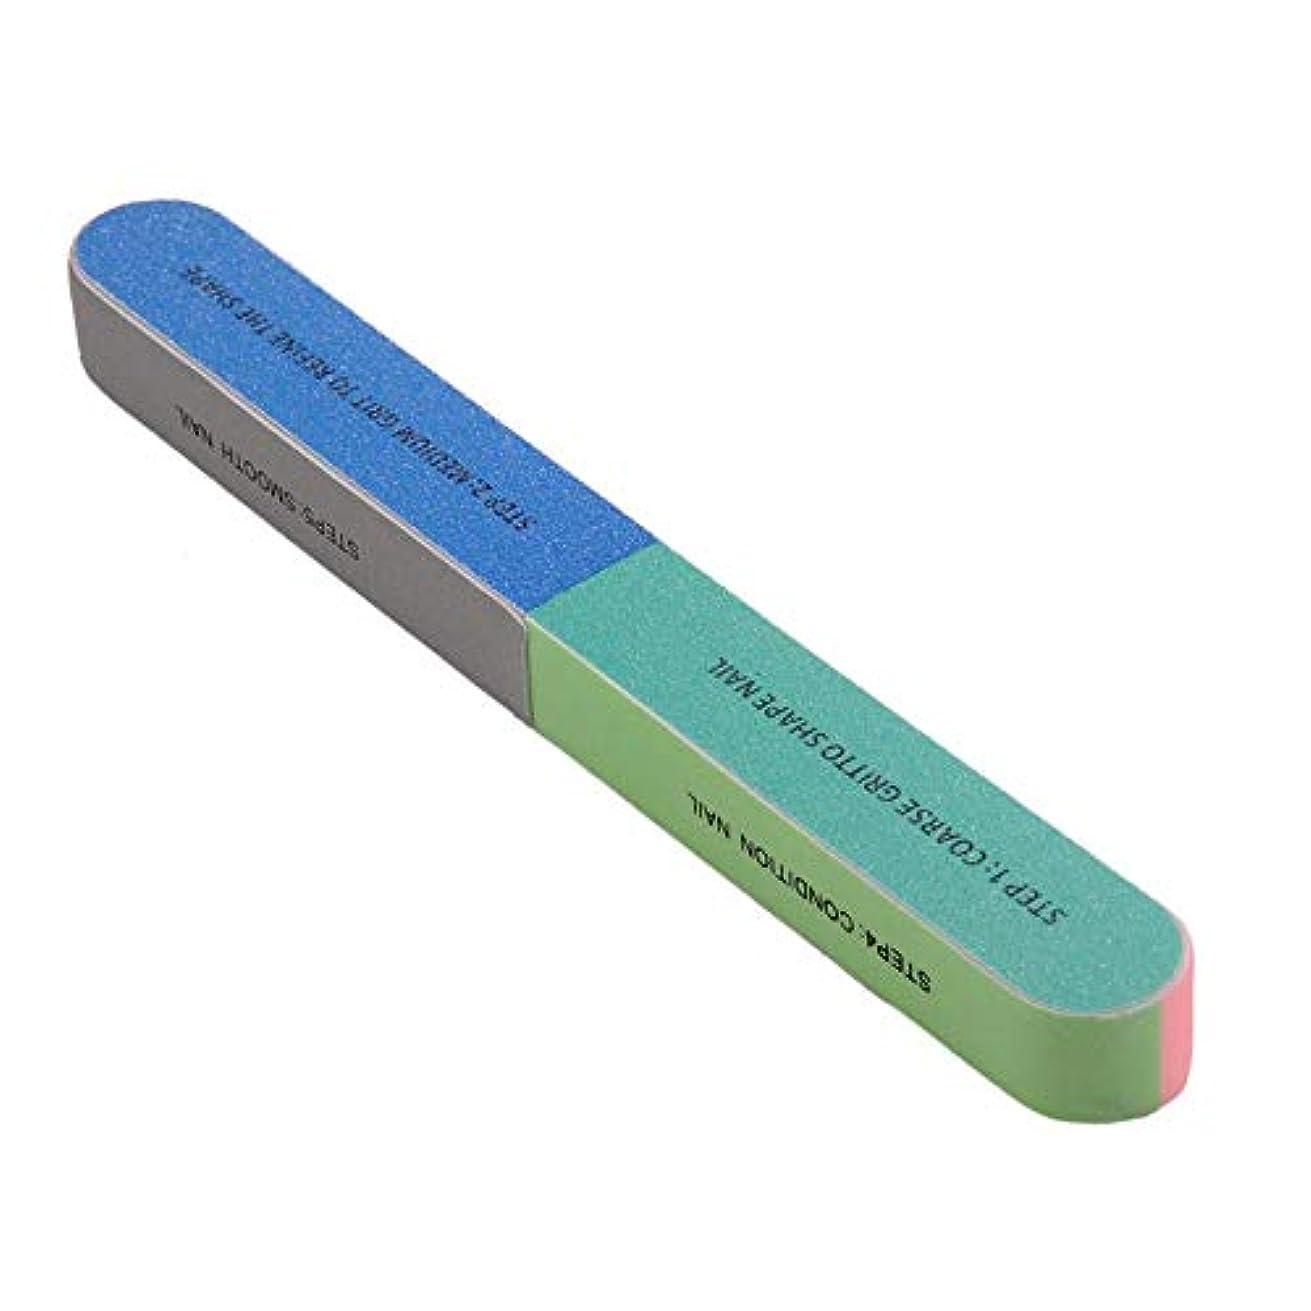 体操発行する百SILUN 爪やすり多面も使える 爪ヤスリ プロのネイルツール 多機能 ネイルファイル ユニセックス 爪磨きネイルファイル